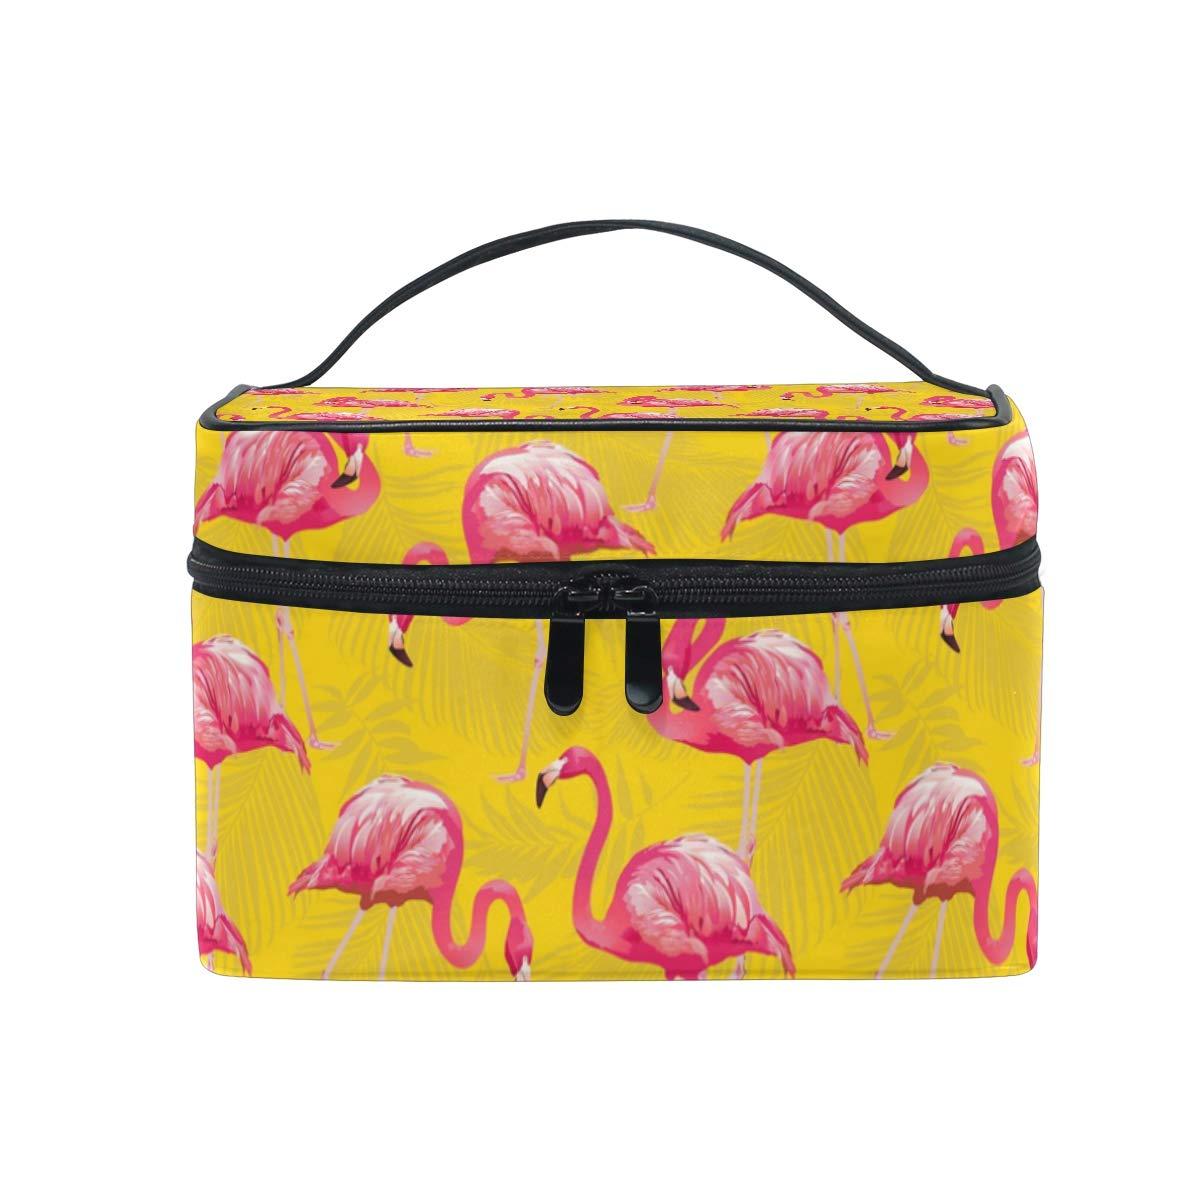 00f95ad3a75d Amazon.com : Cosmetic Bag Tropical Bird Flamingo BackgroundTravel ...